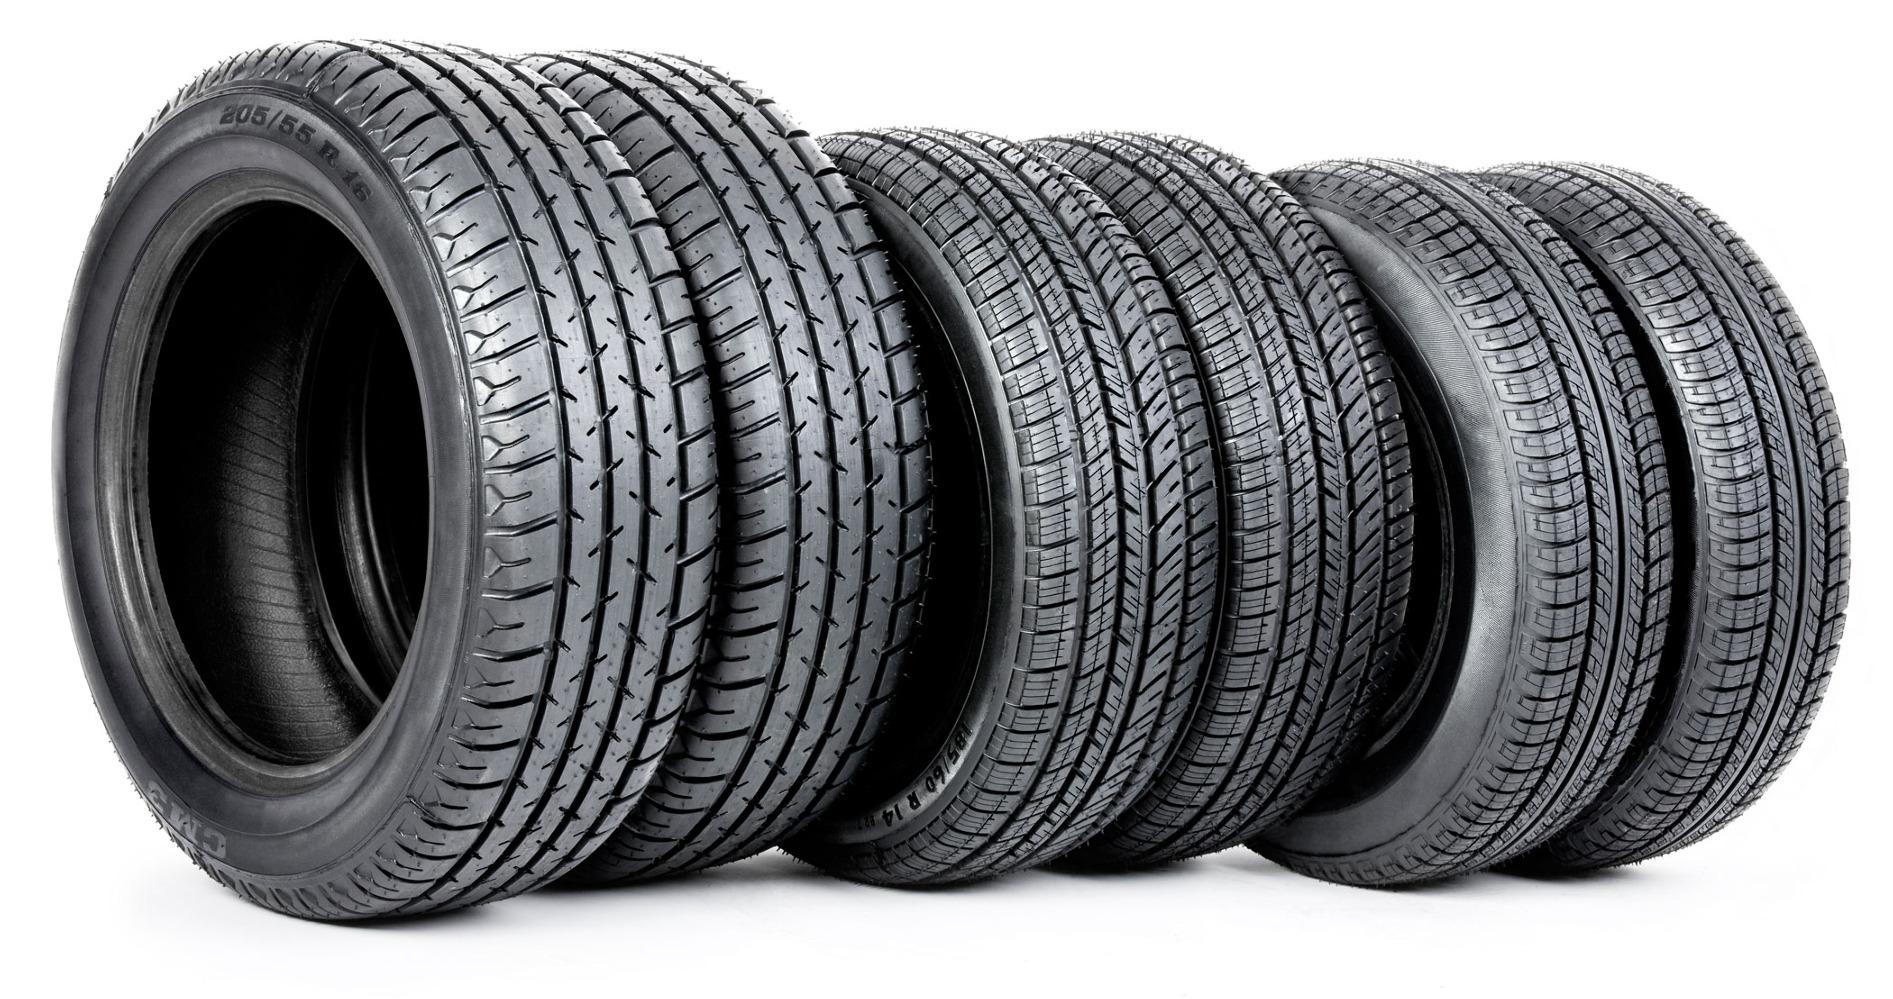 Шины. Руководство по покупке автомобильных шин